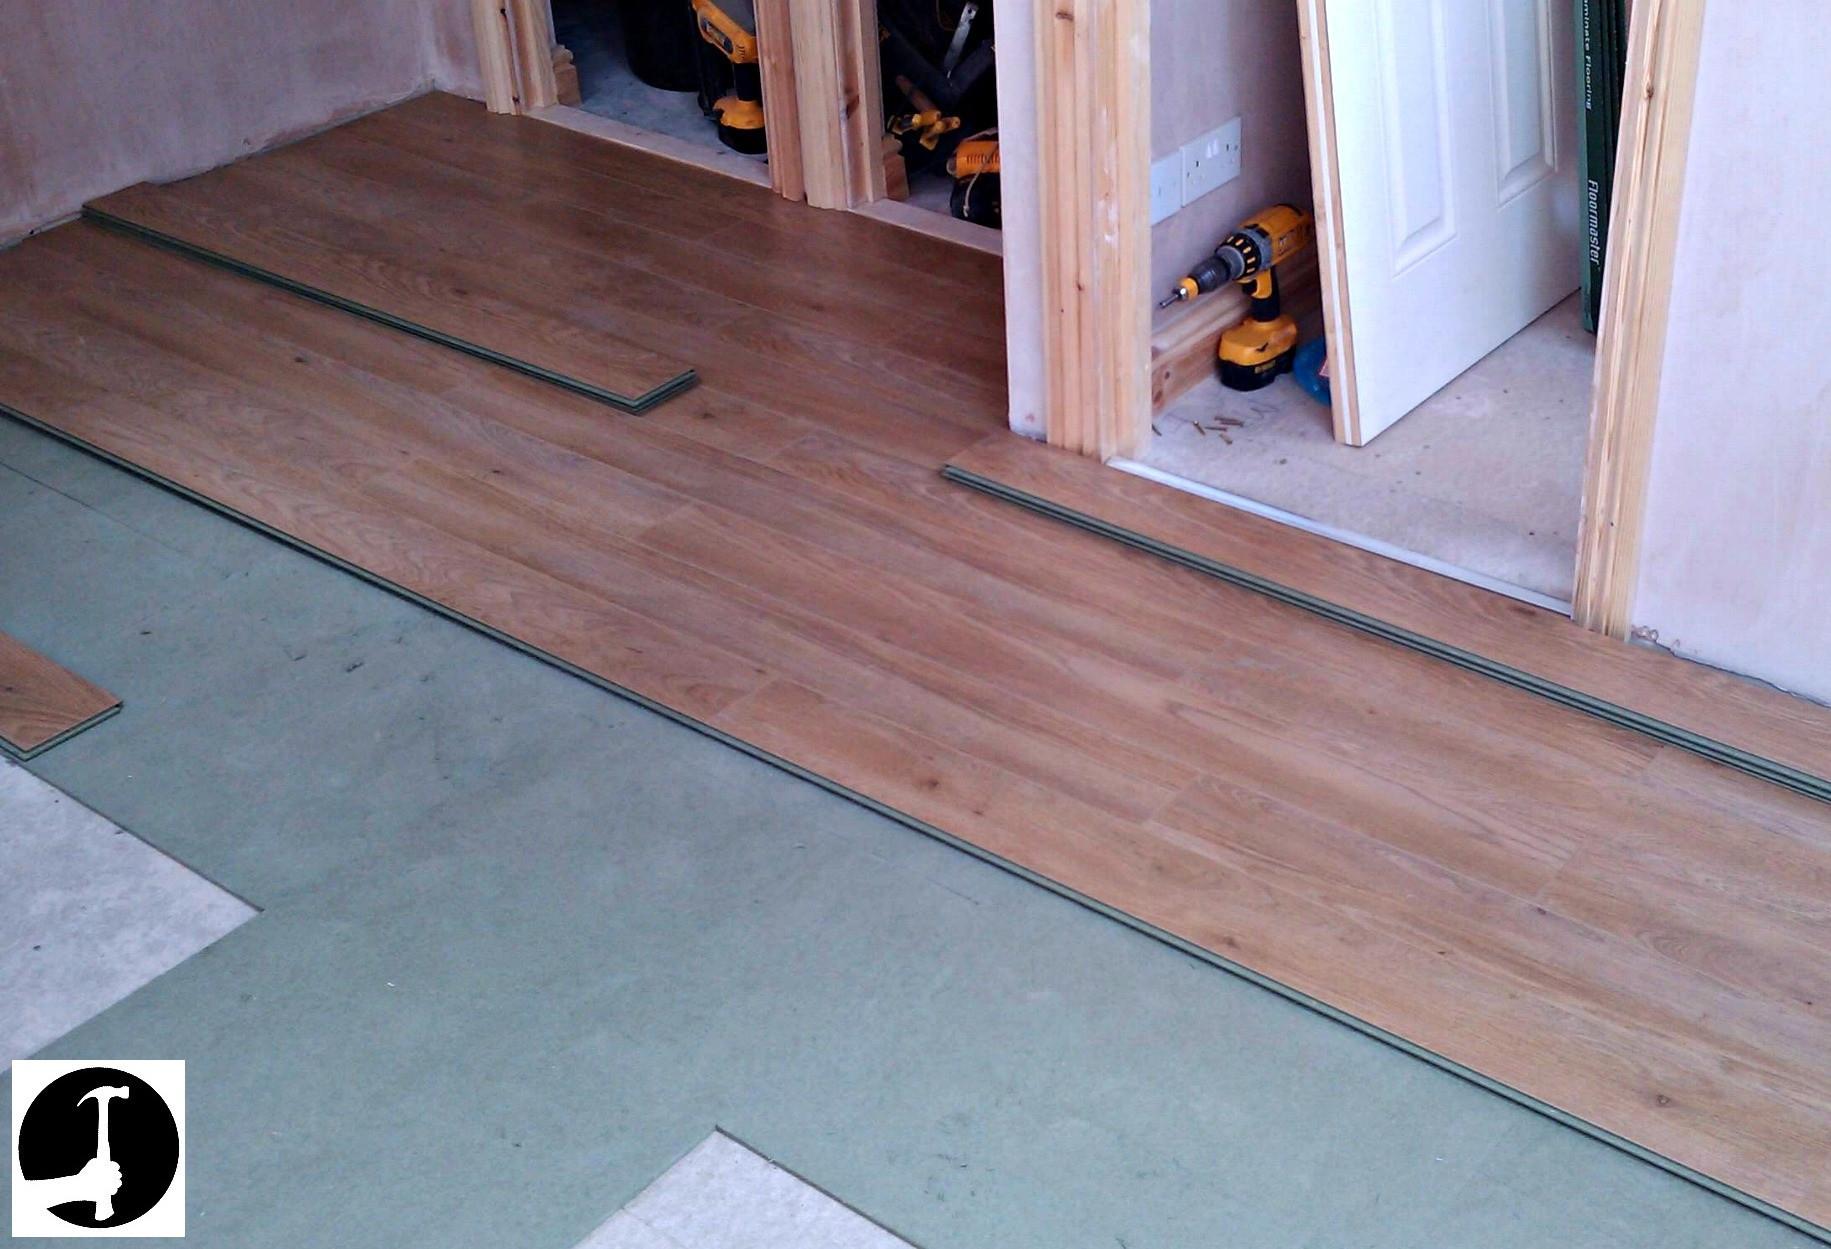 bunnings hardwood flooring of linoleum that looks like hardwood floors how to install laminate in linoleum that looks like hardwood floors how to install laminate flooring